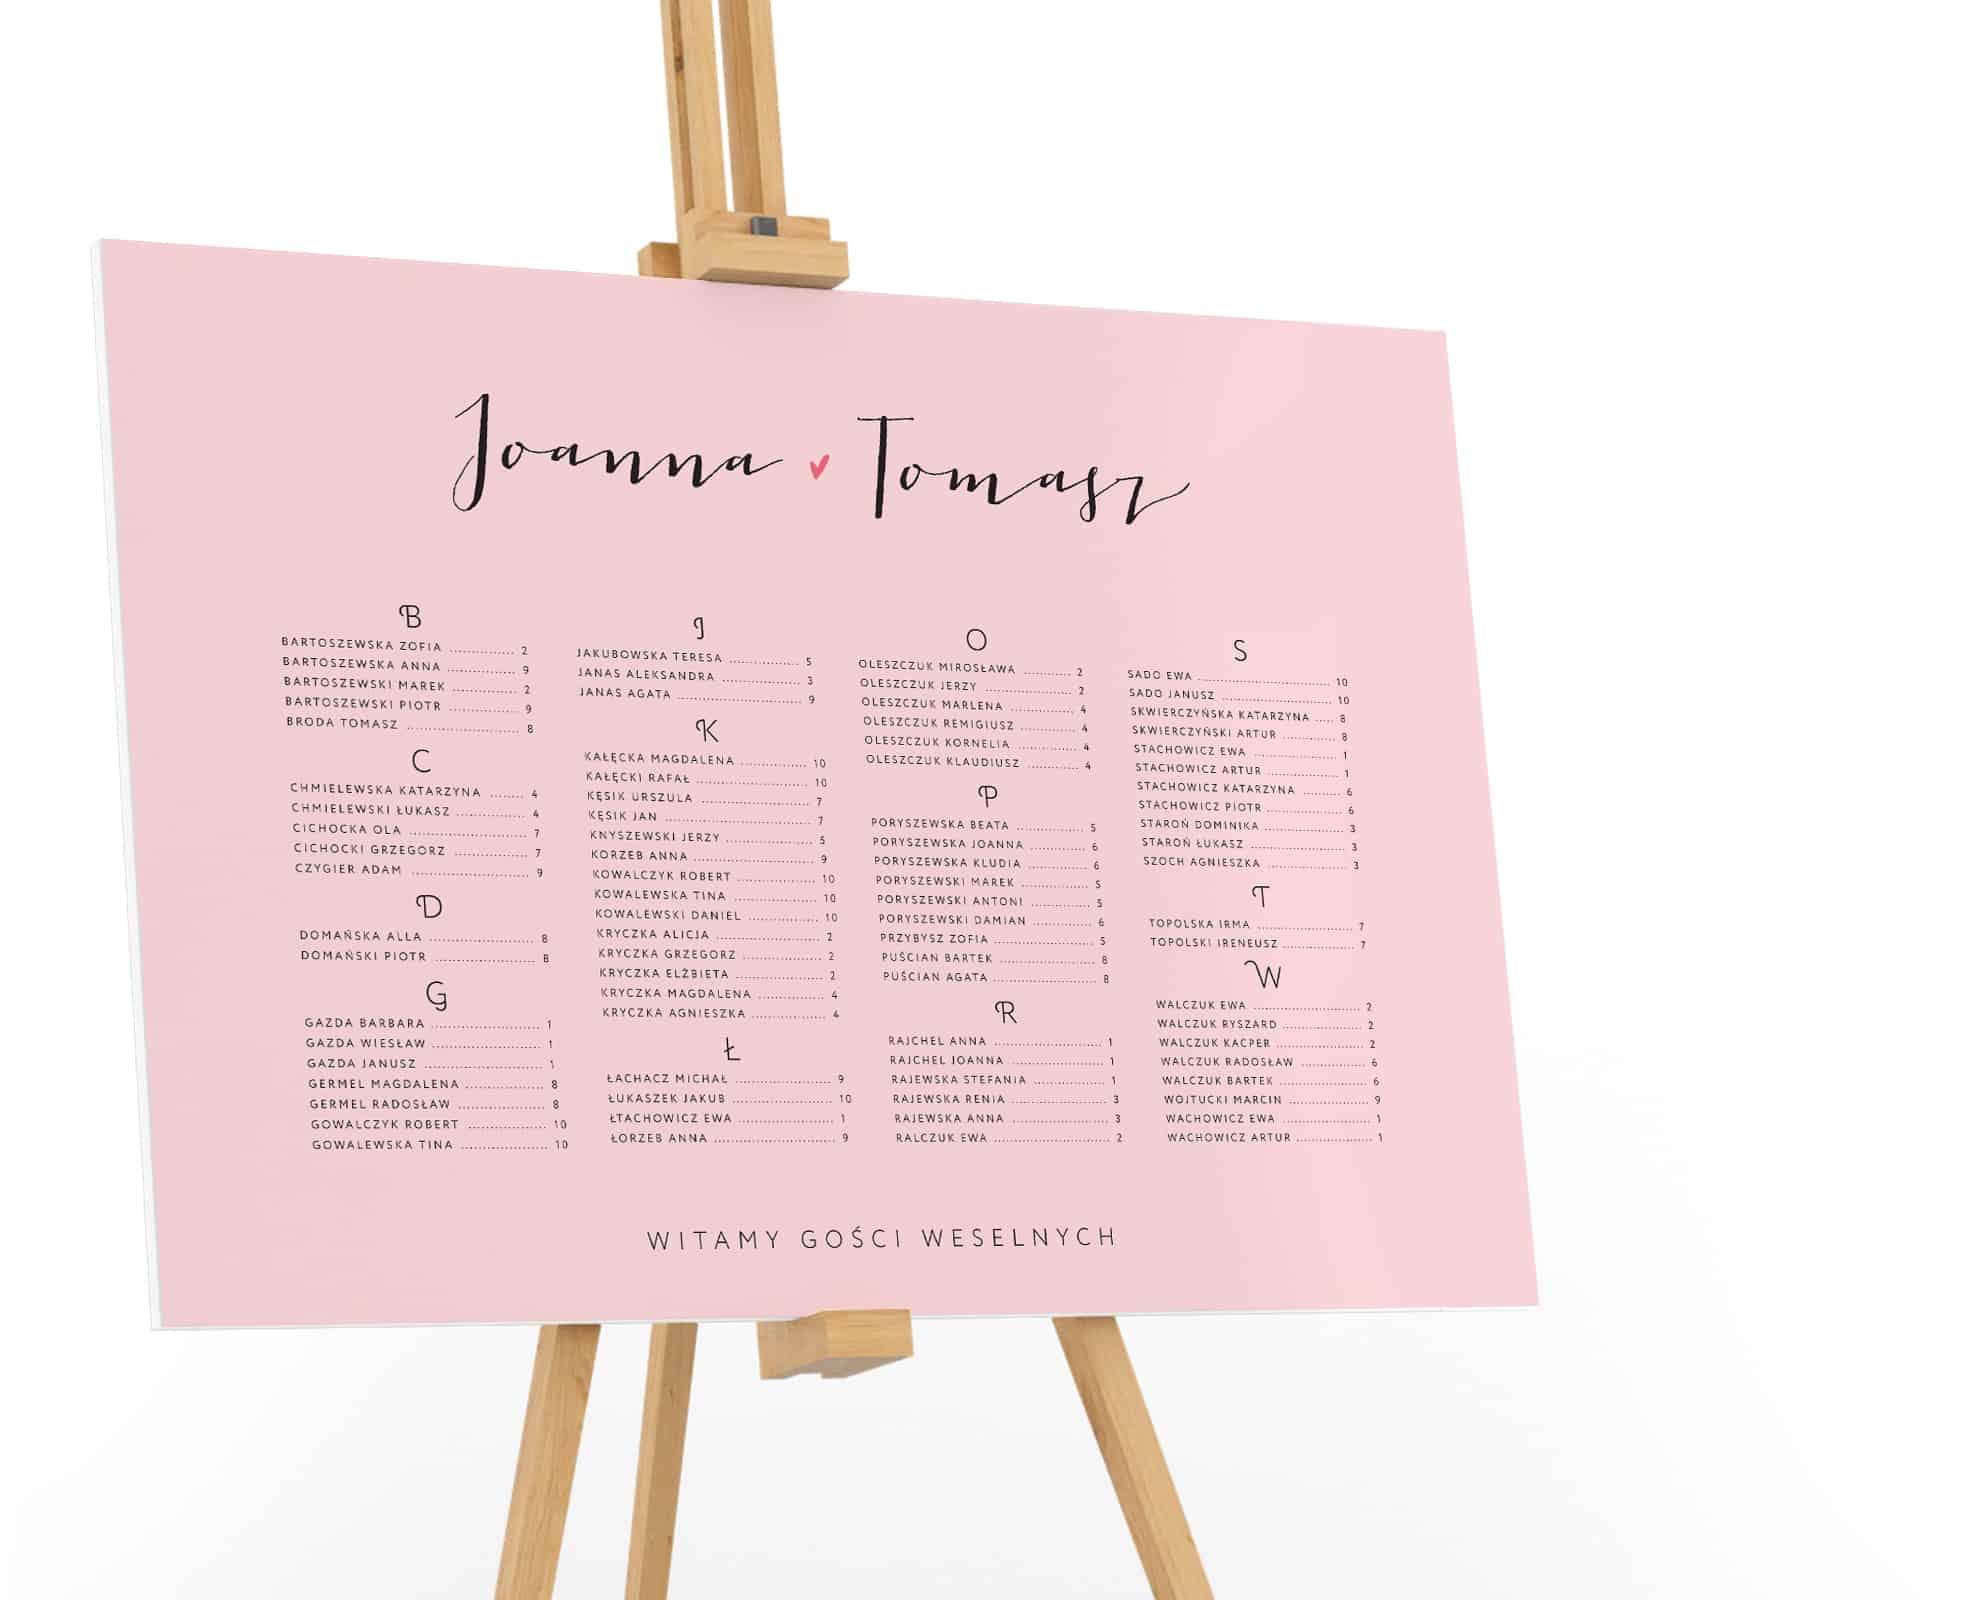 Typograficzny projekt planu stołów z alfabetycznym układem